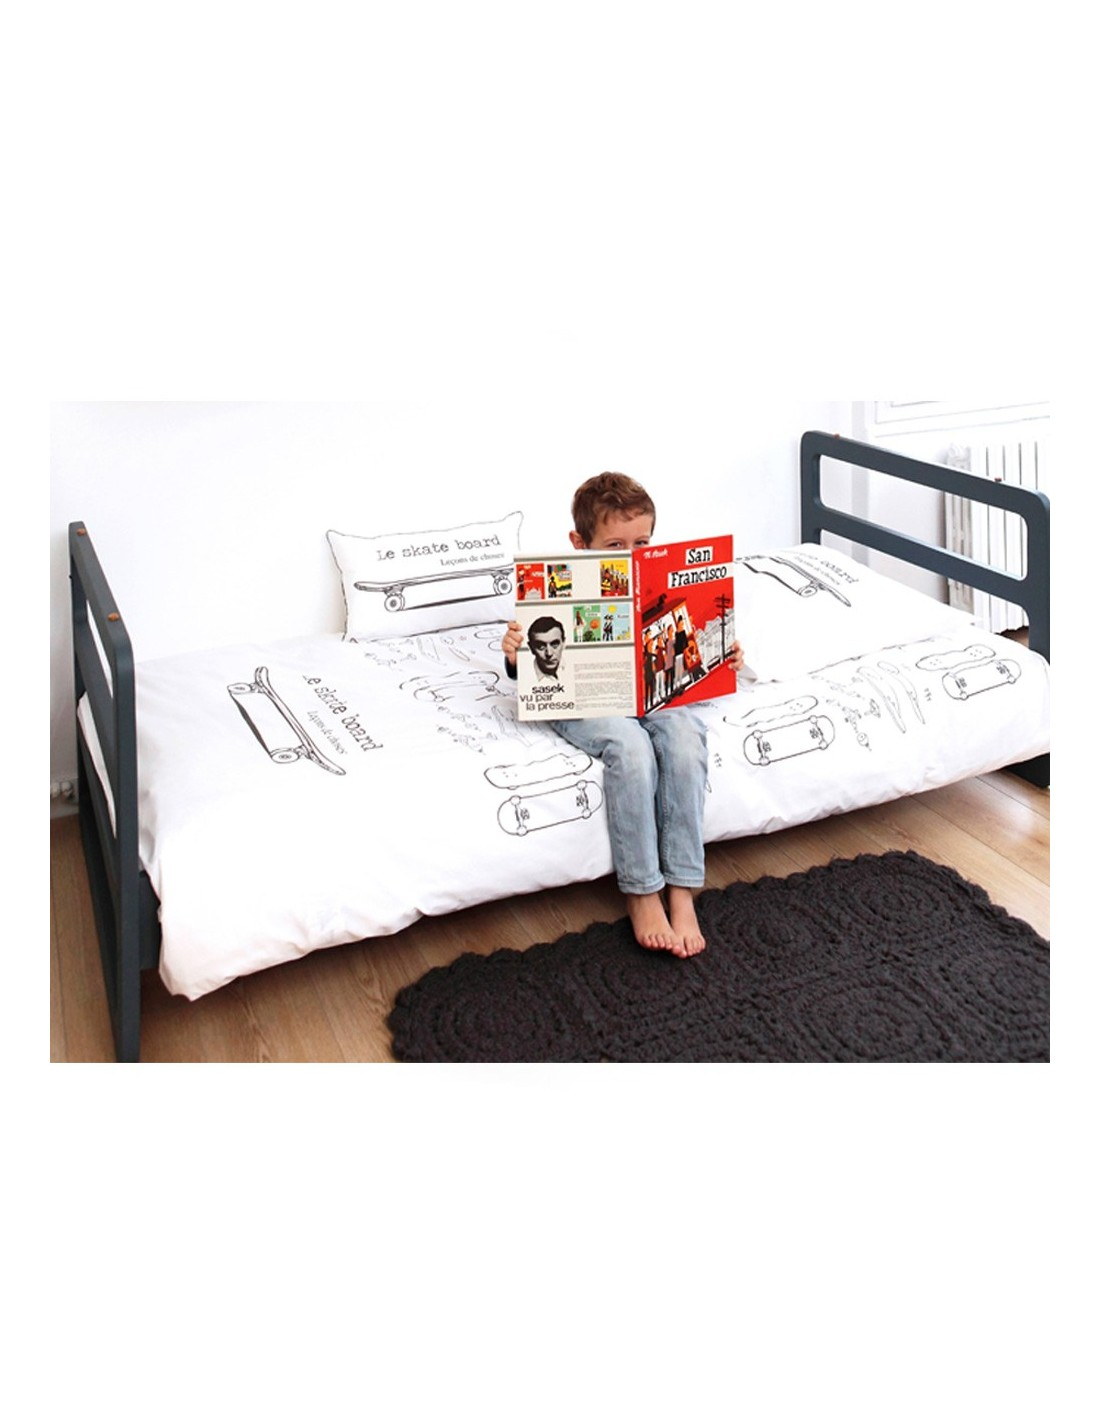 linge de lit skate board le ons de choses. Black Bedroom Furniture Sets. Home Design Ideas